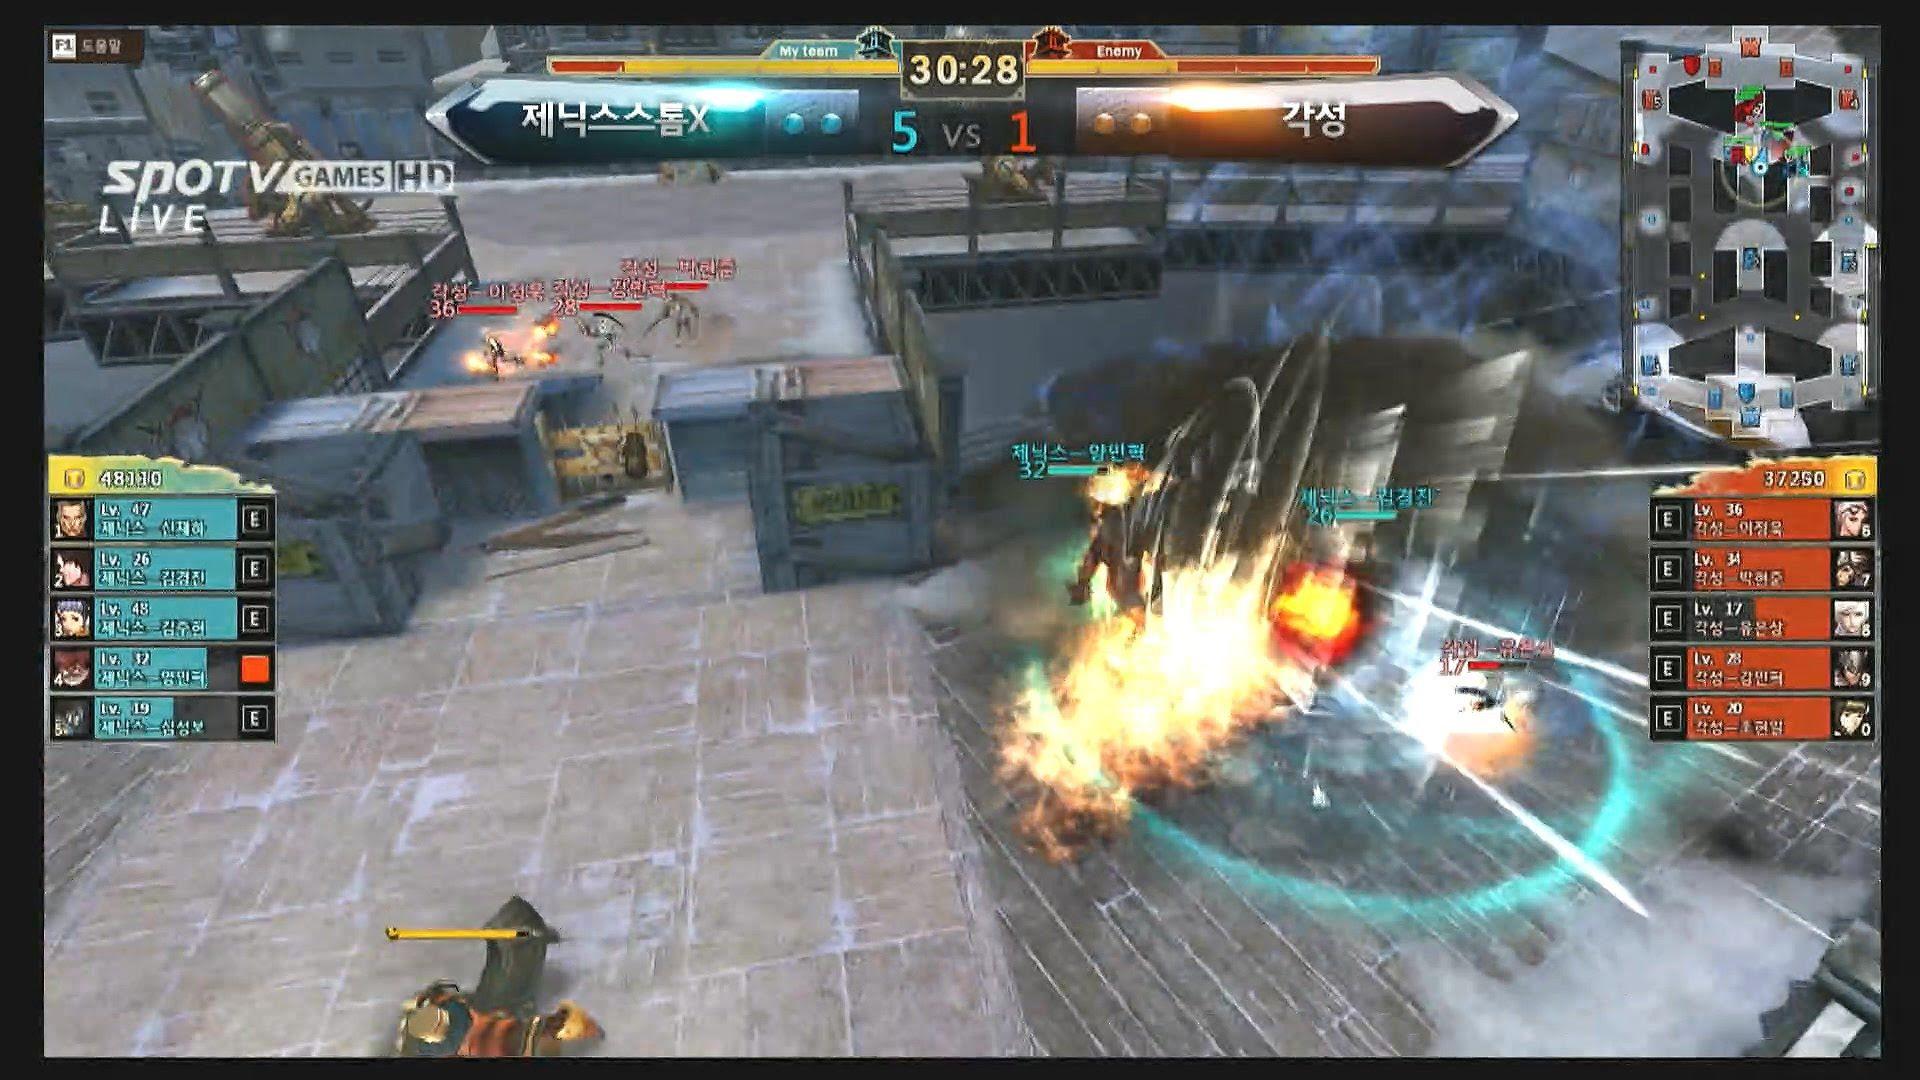 [액션 토너먼트 2014/15 WINTER] 사이퍼즈 8강 1세트 각성 vs 제닉스스톰X -EsportsTV